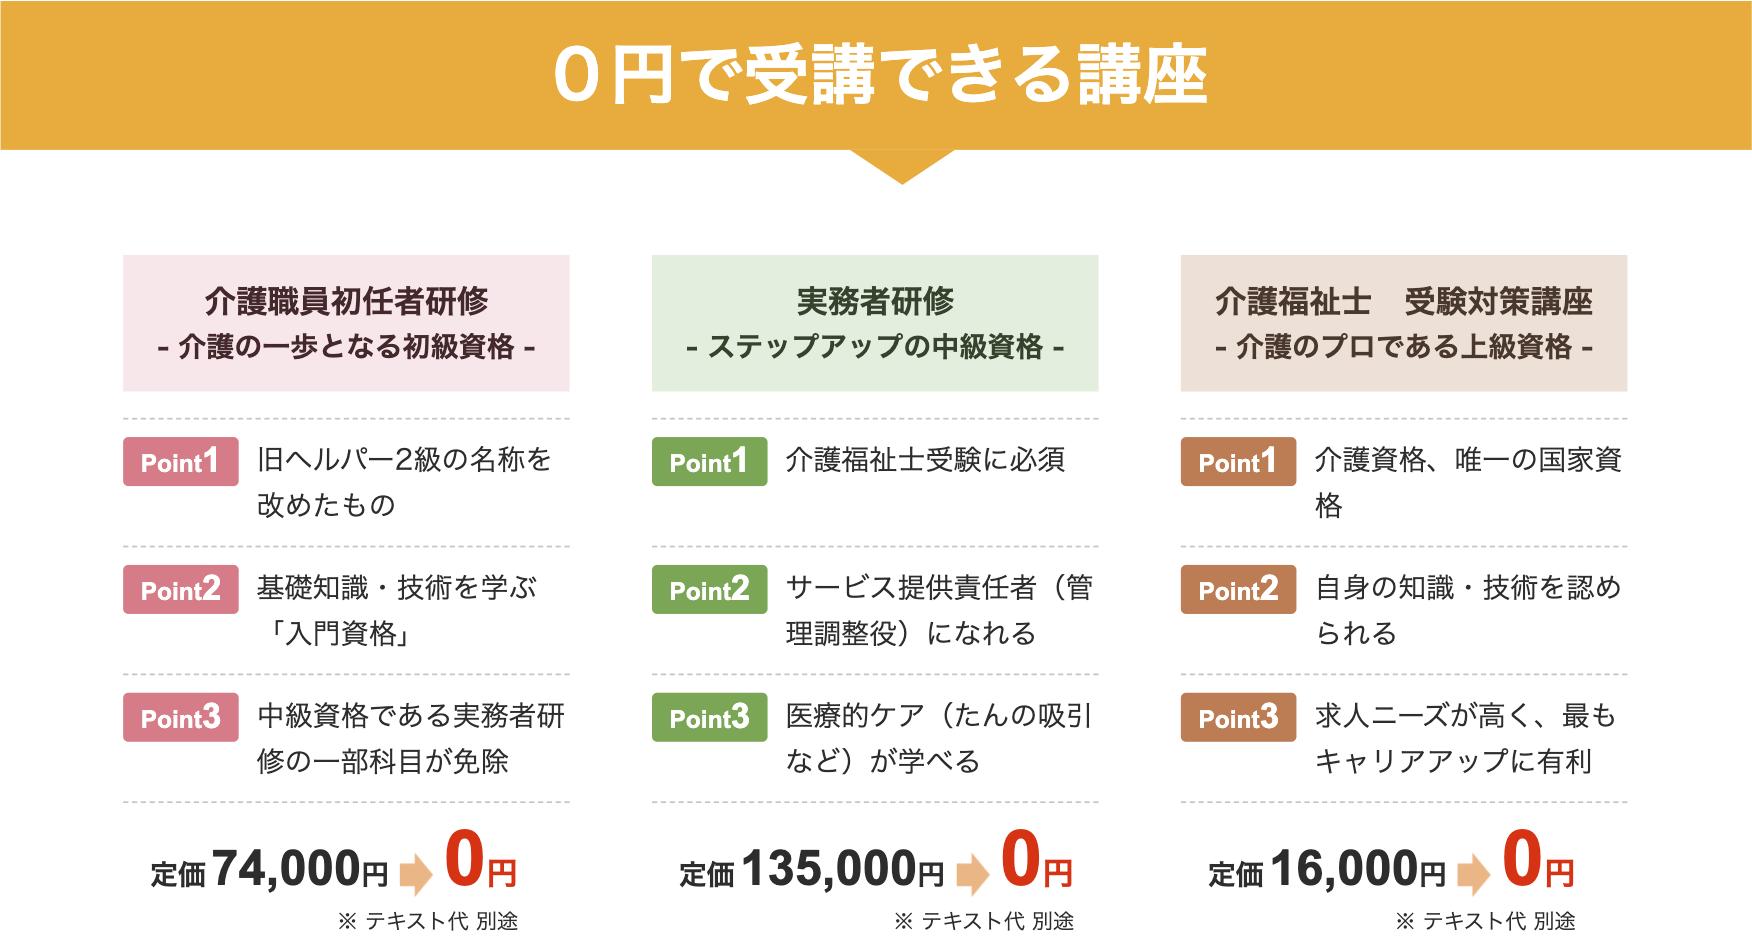 かいご畑 資格取得 0円